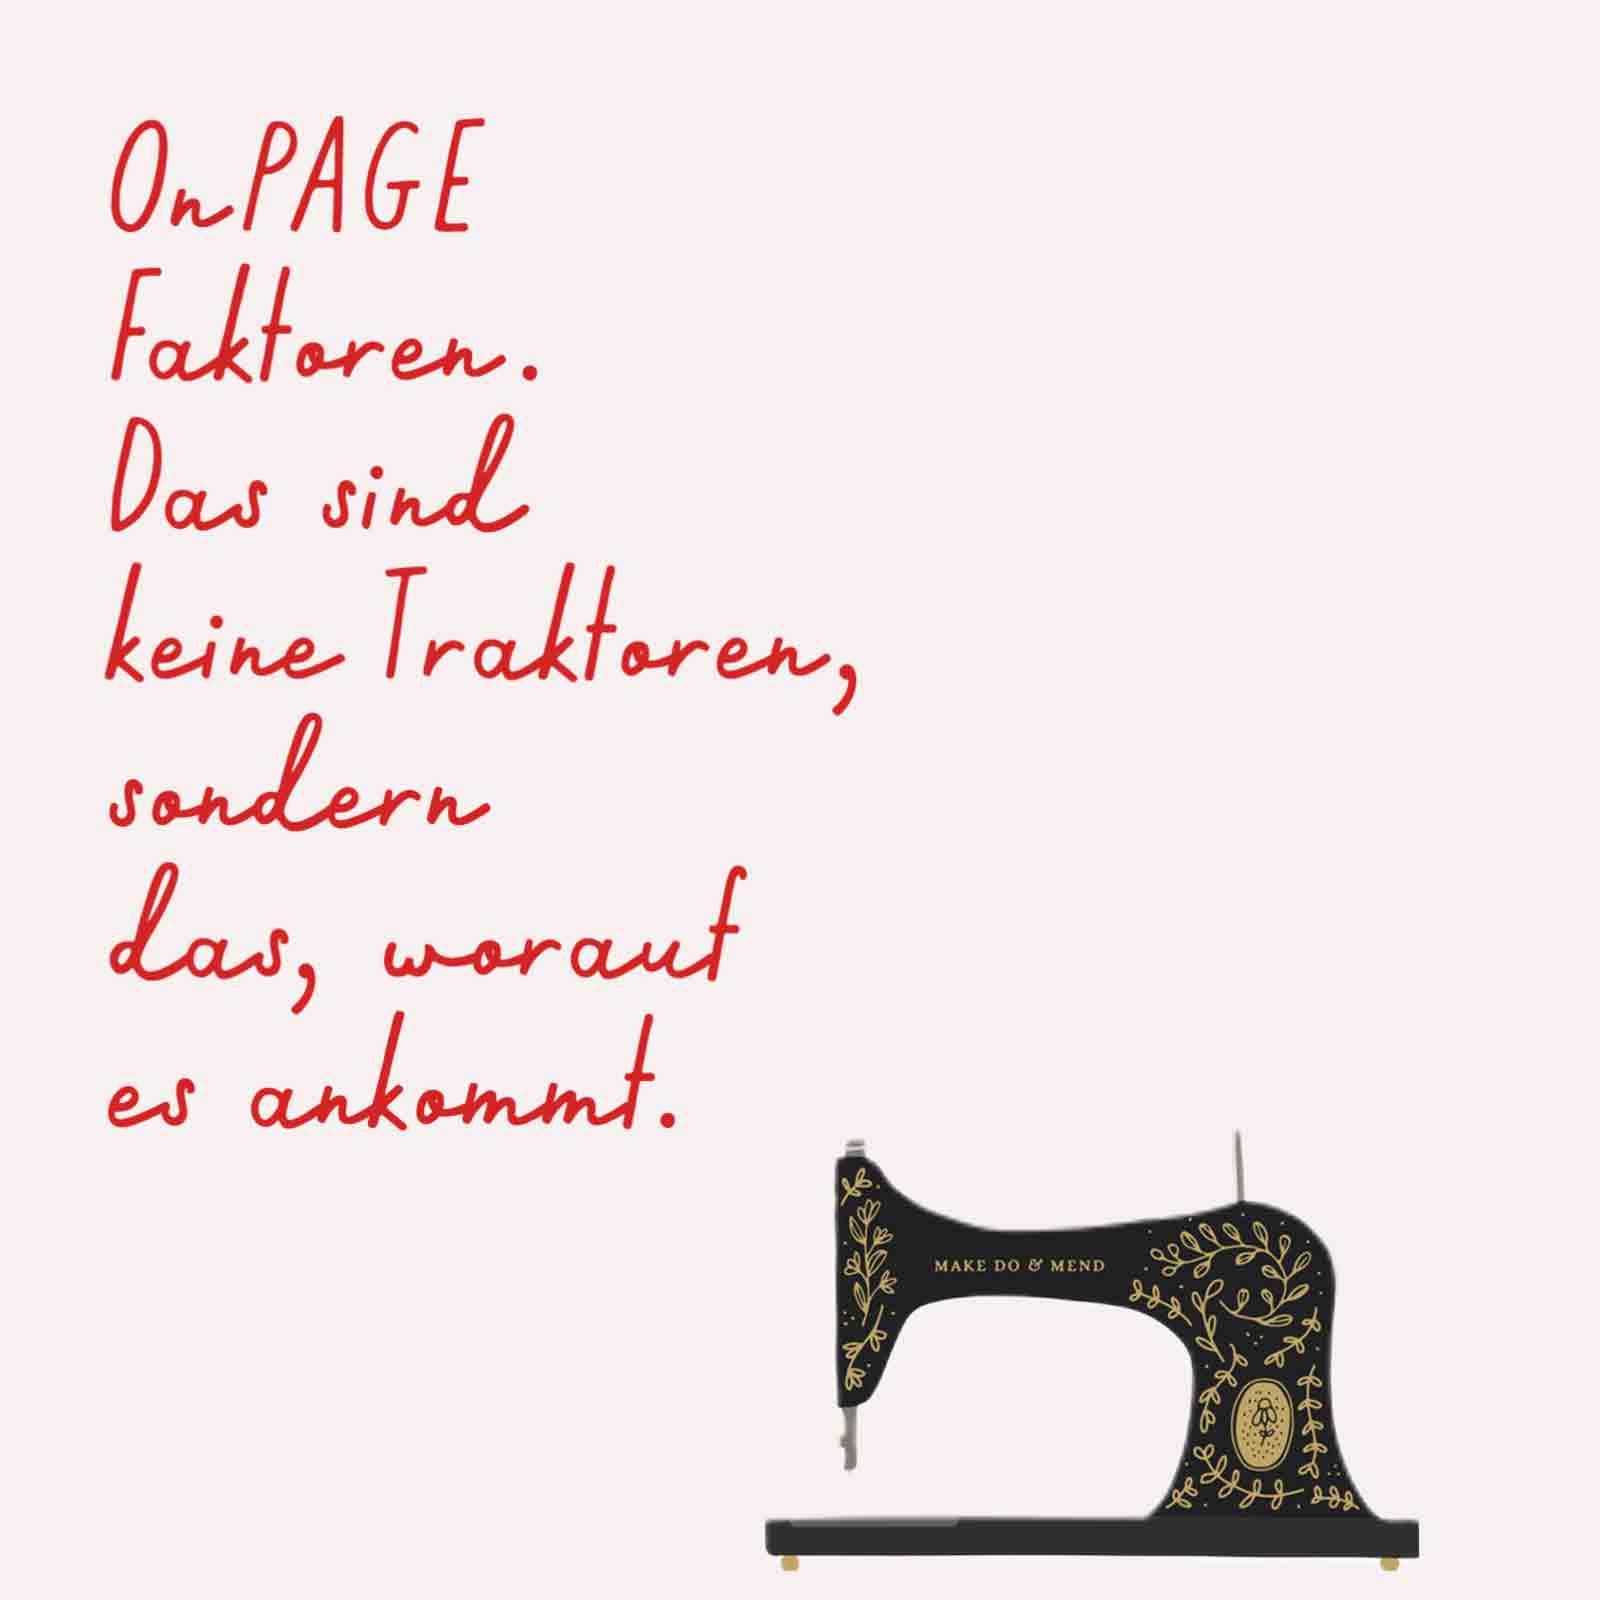 Eine Grafik zum Thema Onpage optimierung. Wörter sind Keywords oder Key. Onpage Faktoren Webseite optimieren Keywords Wörter